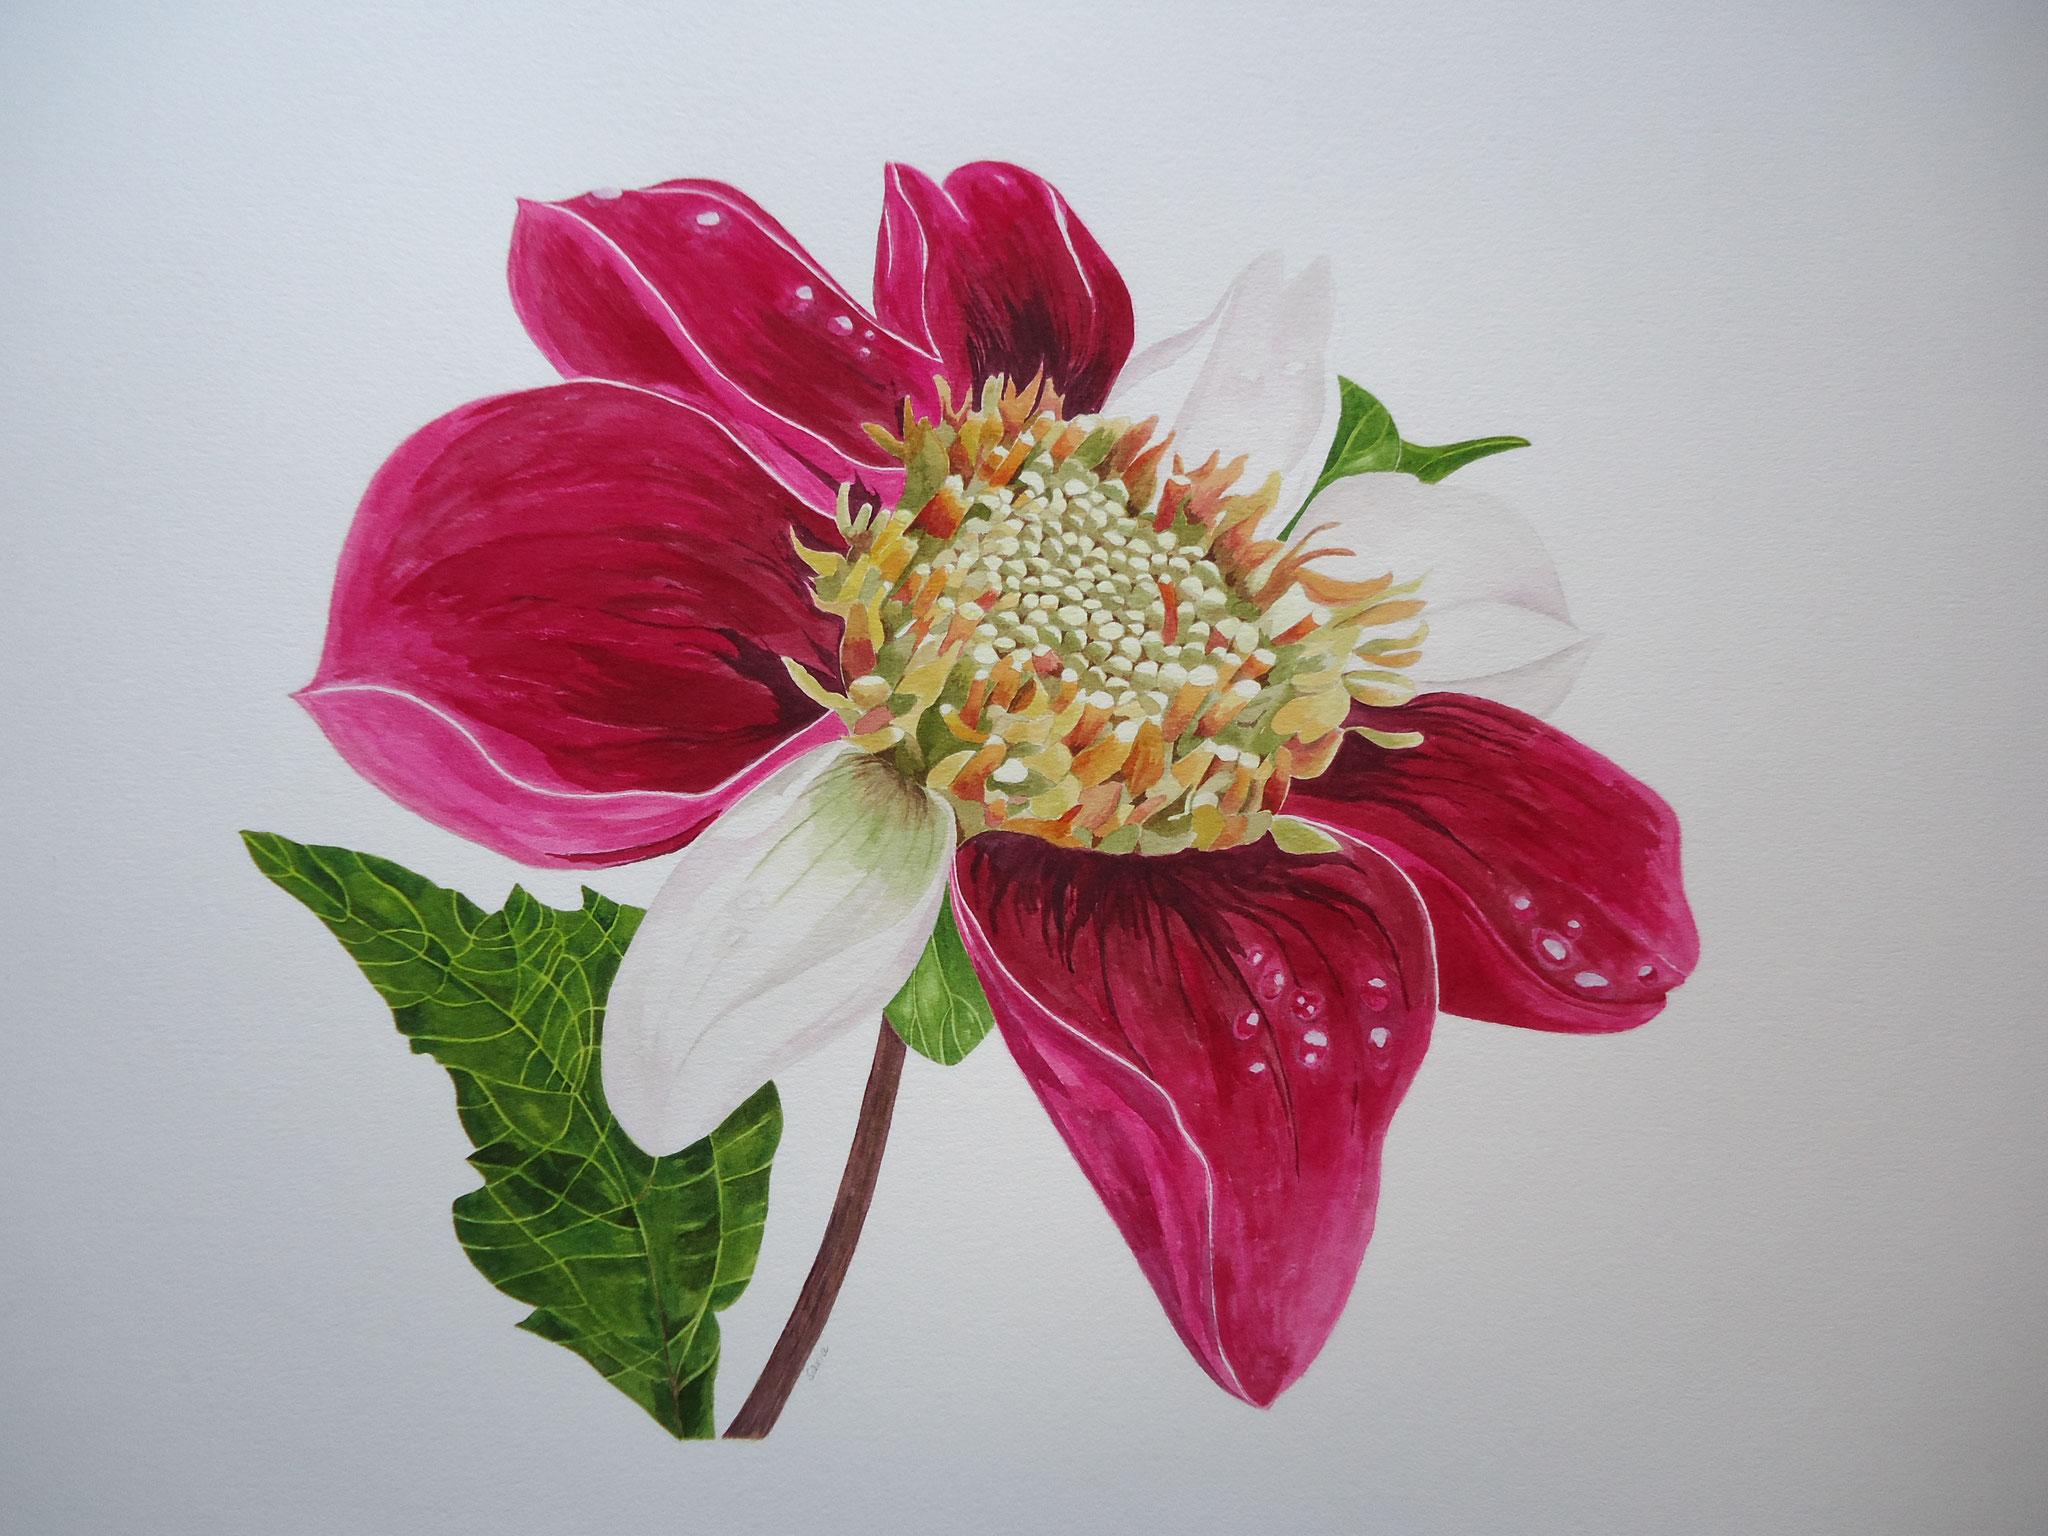 DAHLIA - Aquarell  70 x 90 cm